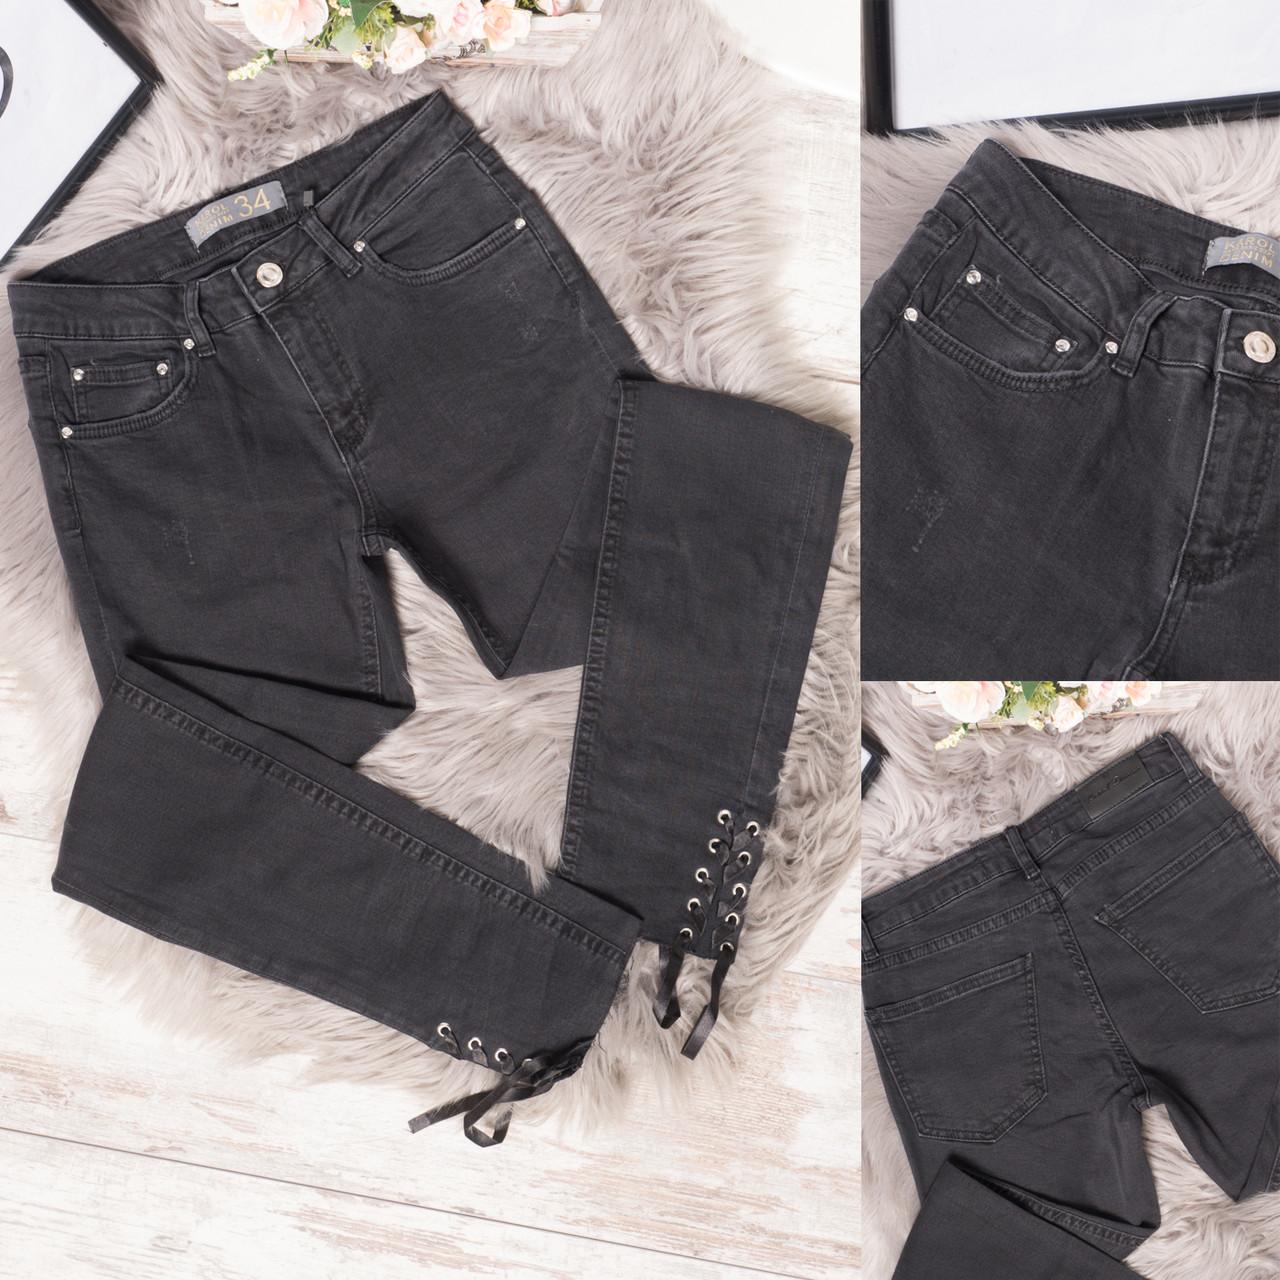 17330 Karol джинсы женские темно-серые стильные стрейчевые (34-40, евро, 6 ед.)